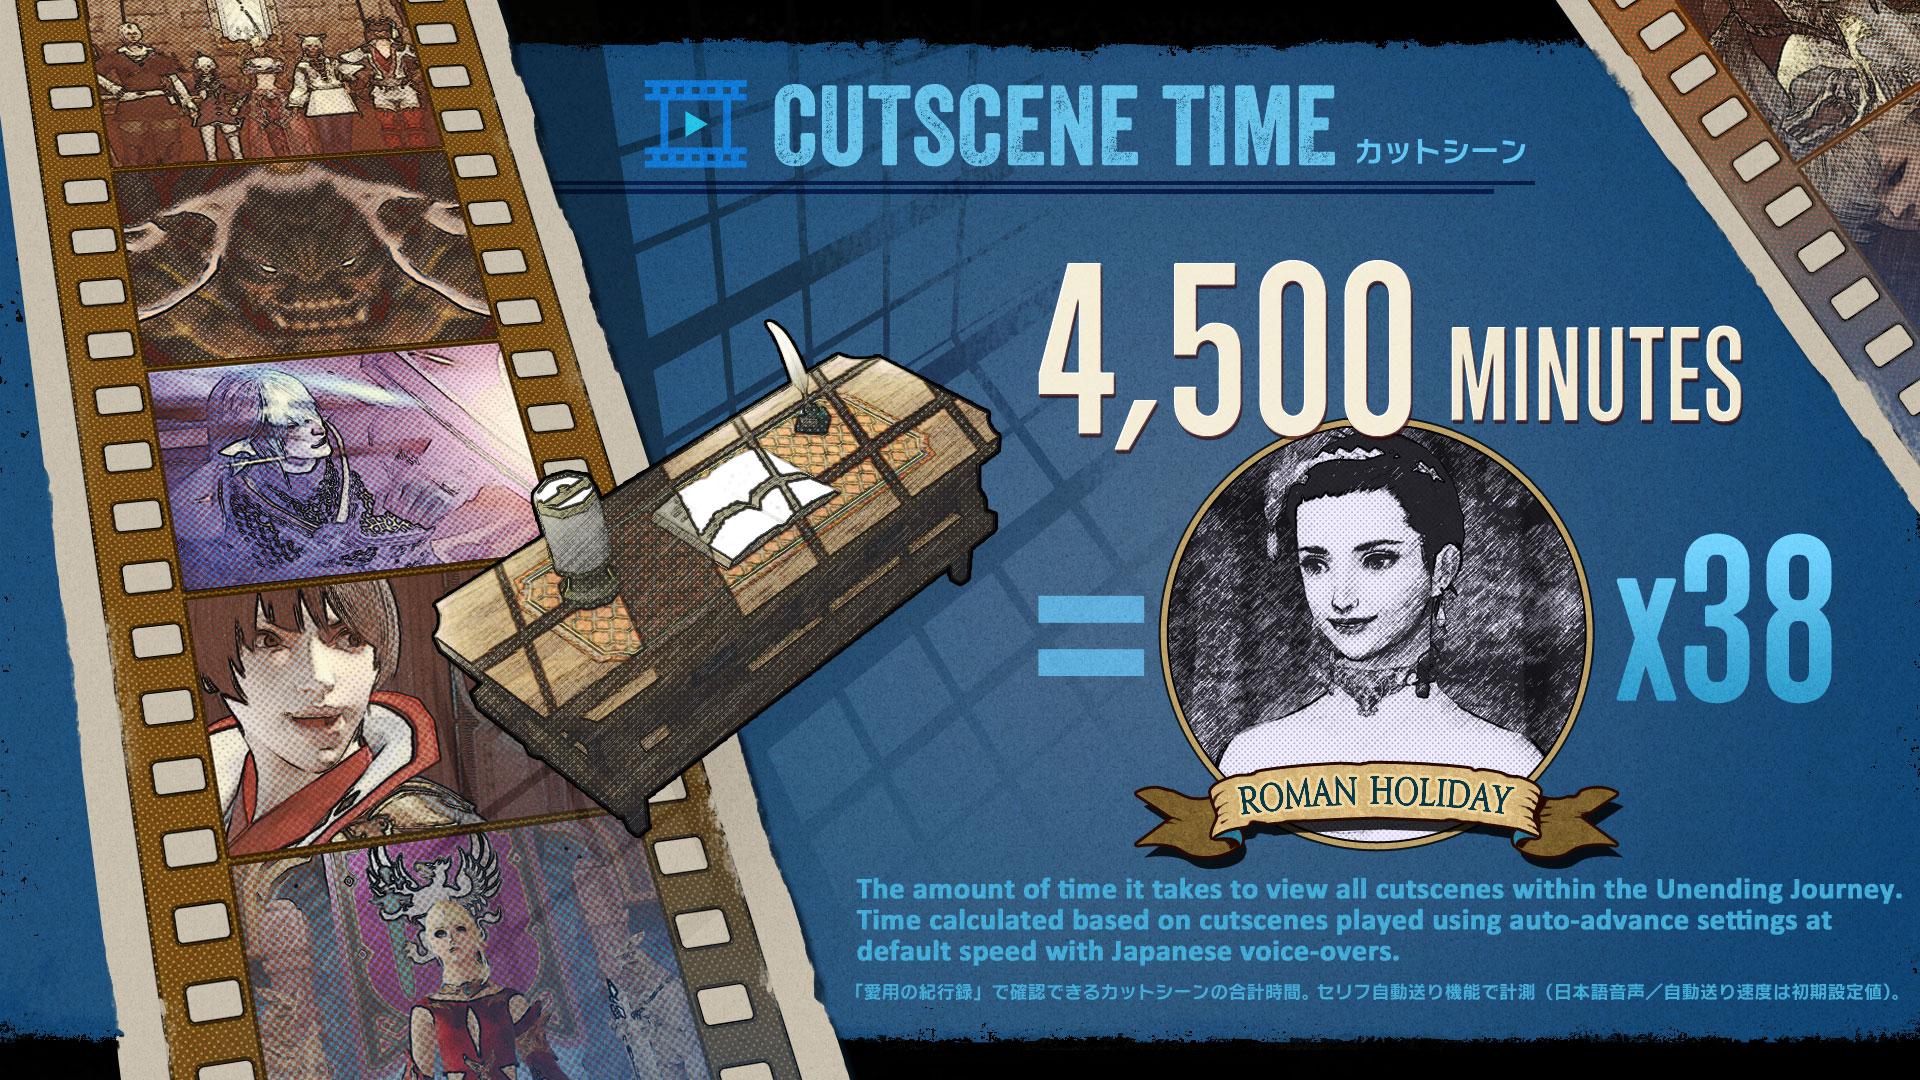 Cutscene Time